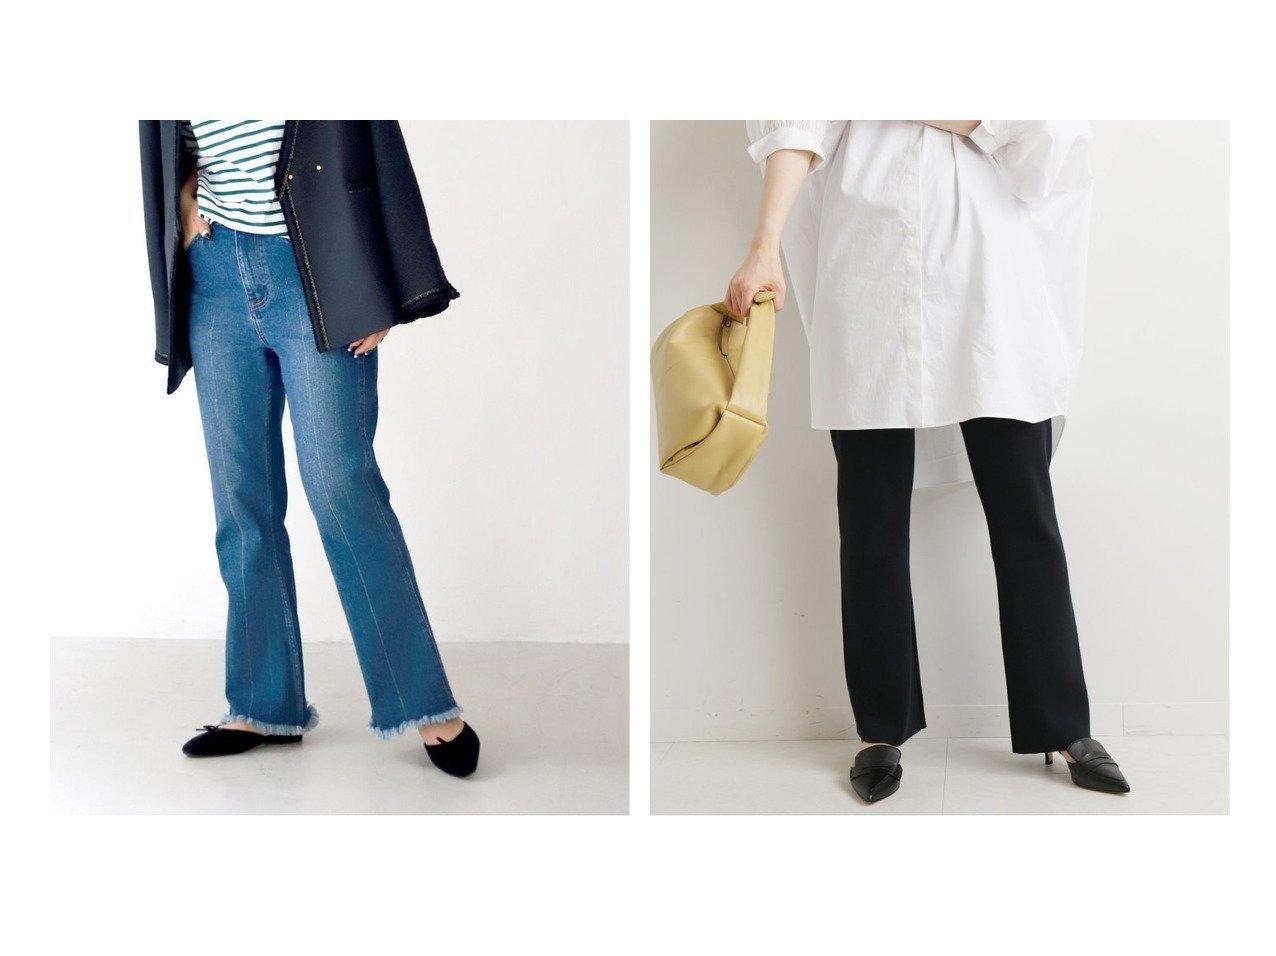 【SLOBE IENA/スローブ イエナ】の《2》【ヘルシーデニム】SLOBE別注 フレアデニムパンツ&【IENA/イエナ】の三ツ杢ニットパンツ 【パンツ】おすすめ!人気、トレンド・レディースファッションの通販 おすすめで人気の流行・トレンド、ファッションの通販商品 インテリア・家具・メンズファッション・キッズファッション・レディースファッション・服の通販 founy(ファニー) https://founy.com/ ファッション Fashion レディースファッション WOMEN パンツ Pants デニムパンツ Denim Pants 春 Spring ストレッチ センター デニム フリンジ フレア 別注 2021年 2021 再入荷 Restock/Back in Stock/Re Arrival S/S・春夏 SS・Spring/Summer 2021春夏・S/S SS/Spring/Summer/2021 おすすめ Recommend キャミソール パターン ベスト リラックス 夏 Summer |ID:crp329100000059683